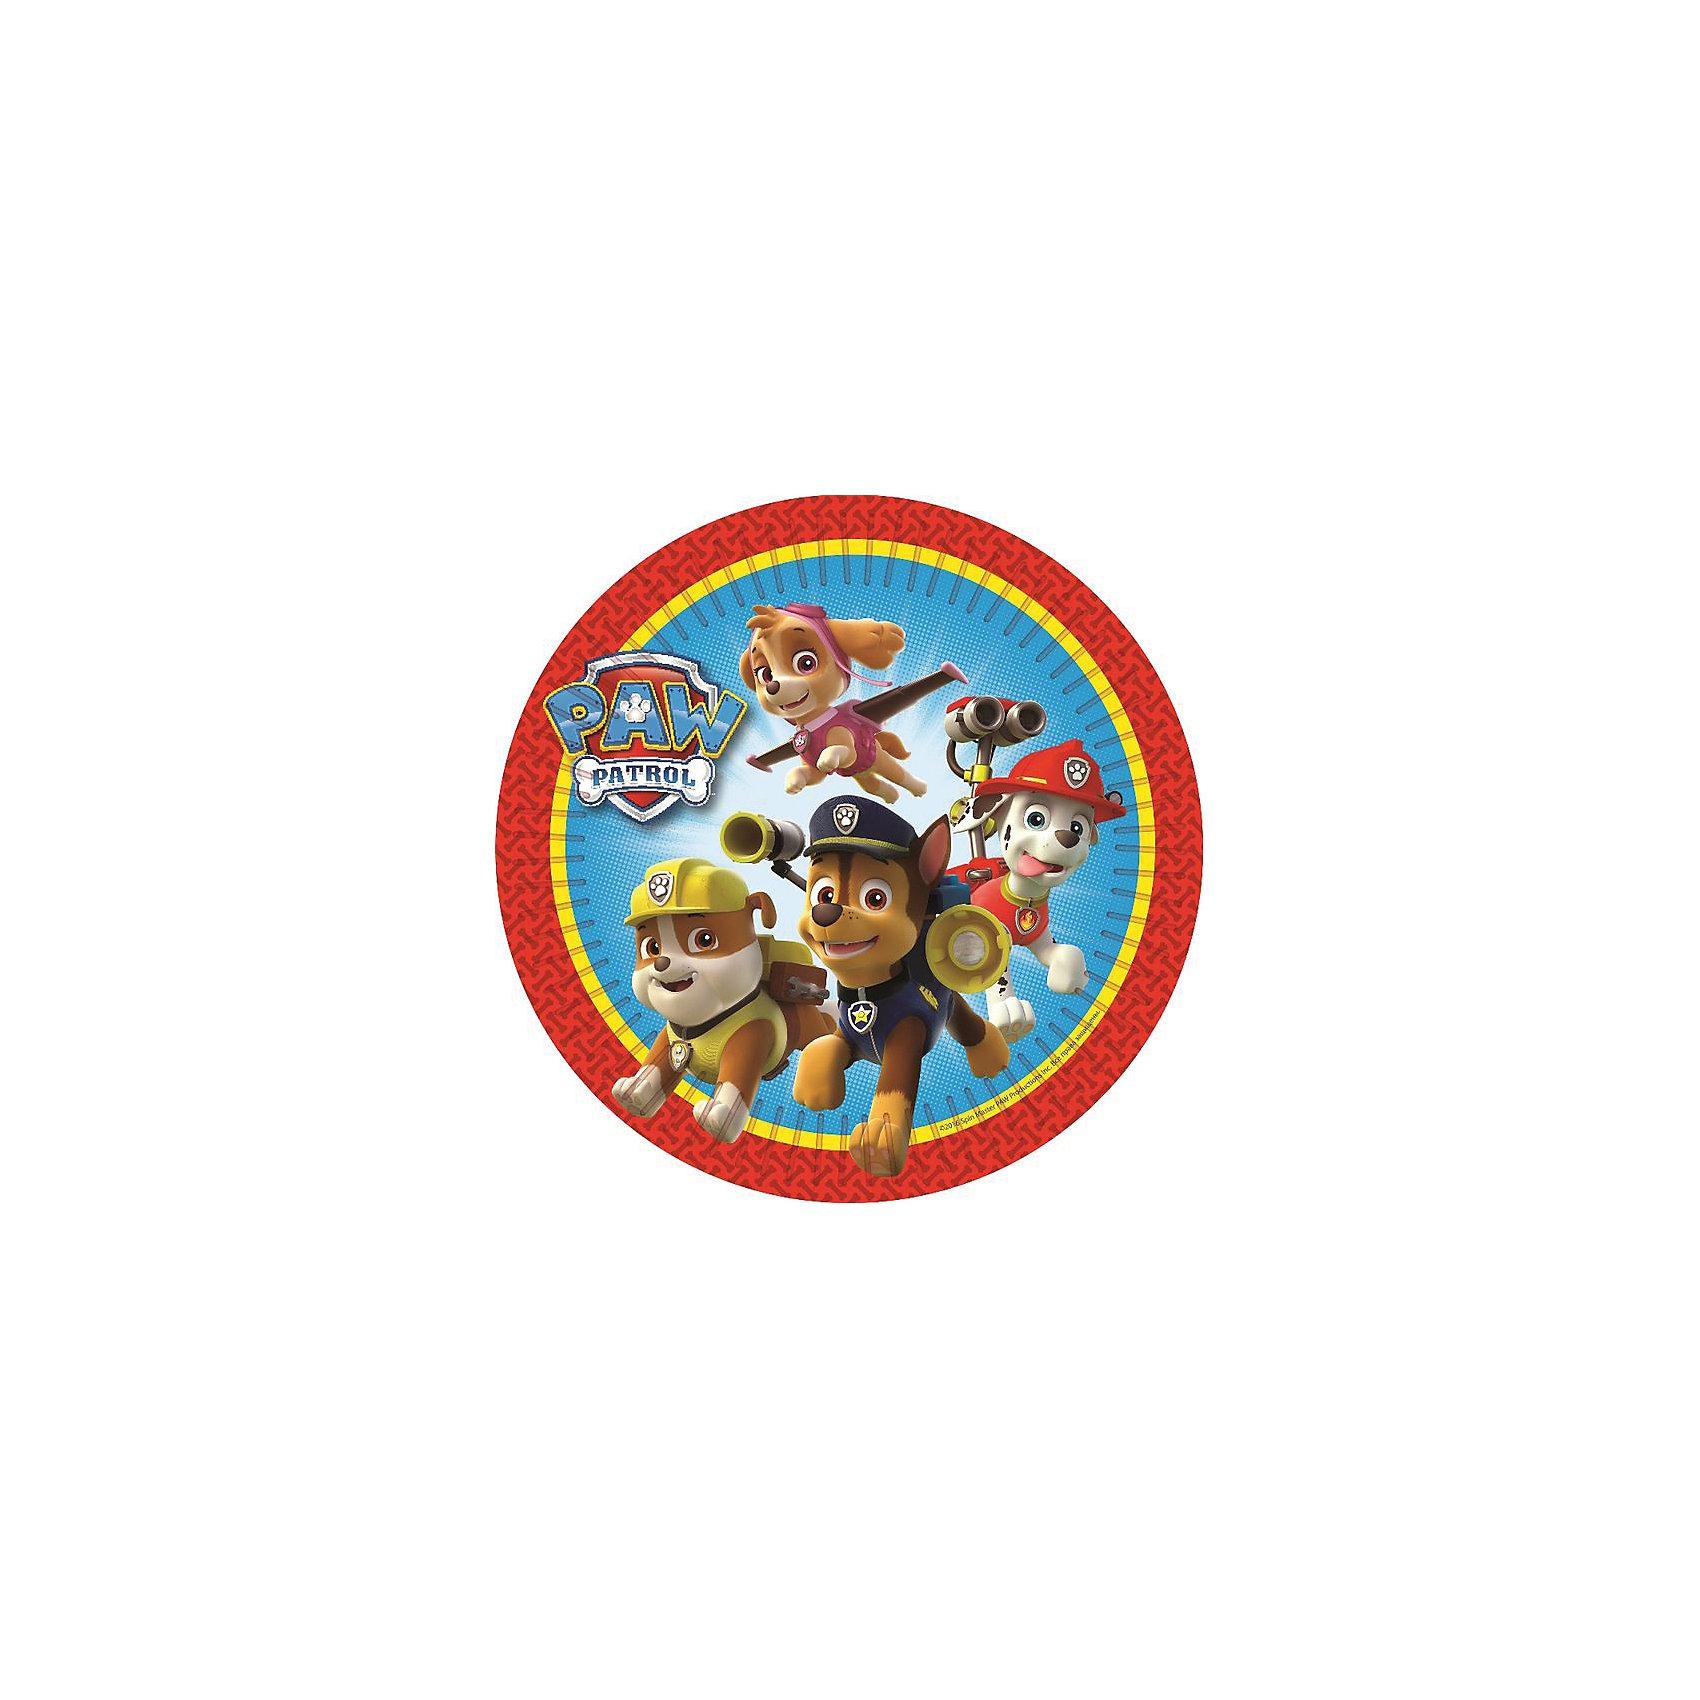 Тарелка Щенячий патруль 23 см, 6 штВсё для праздника<br>Яркие и практичные тарелки с веселыми героями мультфильма Щенячий патруль эффектно украсят стол и порадуют всех участников торжества. А самое главное, одноразовые бумажные тарелки прекрасно удерживают еду, благодаря глянцевому ламинированию; они почти невесомы, не могут разбиться и поранить детей, их не надо мыть.&#13;<br>В наборе Щенячий патруль 6 бумажных тарелок диаметром 23 см, декорированных привлекательным принтом. Вы также можете выбрать другие товары из данной серии: стаканы, салфетки, язычки, колпаки, подарочный набор посуды, свечи, приглашение в конверте, скатерть, маски, подарочные пакеты и др.<br><br>Ширина мм: 230<br>Глубина мм: 230<br>Высота мм: 7<br>Вес г: 90<br>Возраст от месяцев: 36<br>Возраст до месяцев: 108<br>Пол: Унисекс<br>Возраст: Детский<br>SKU: 5076624